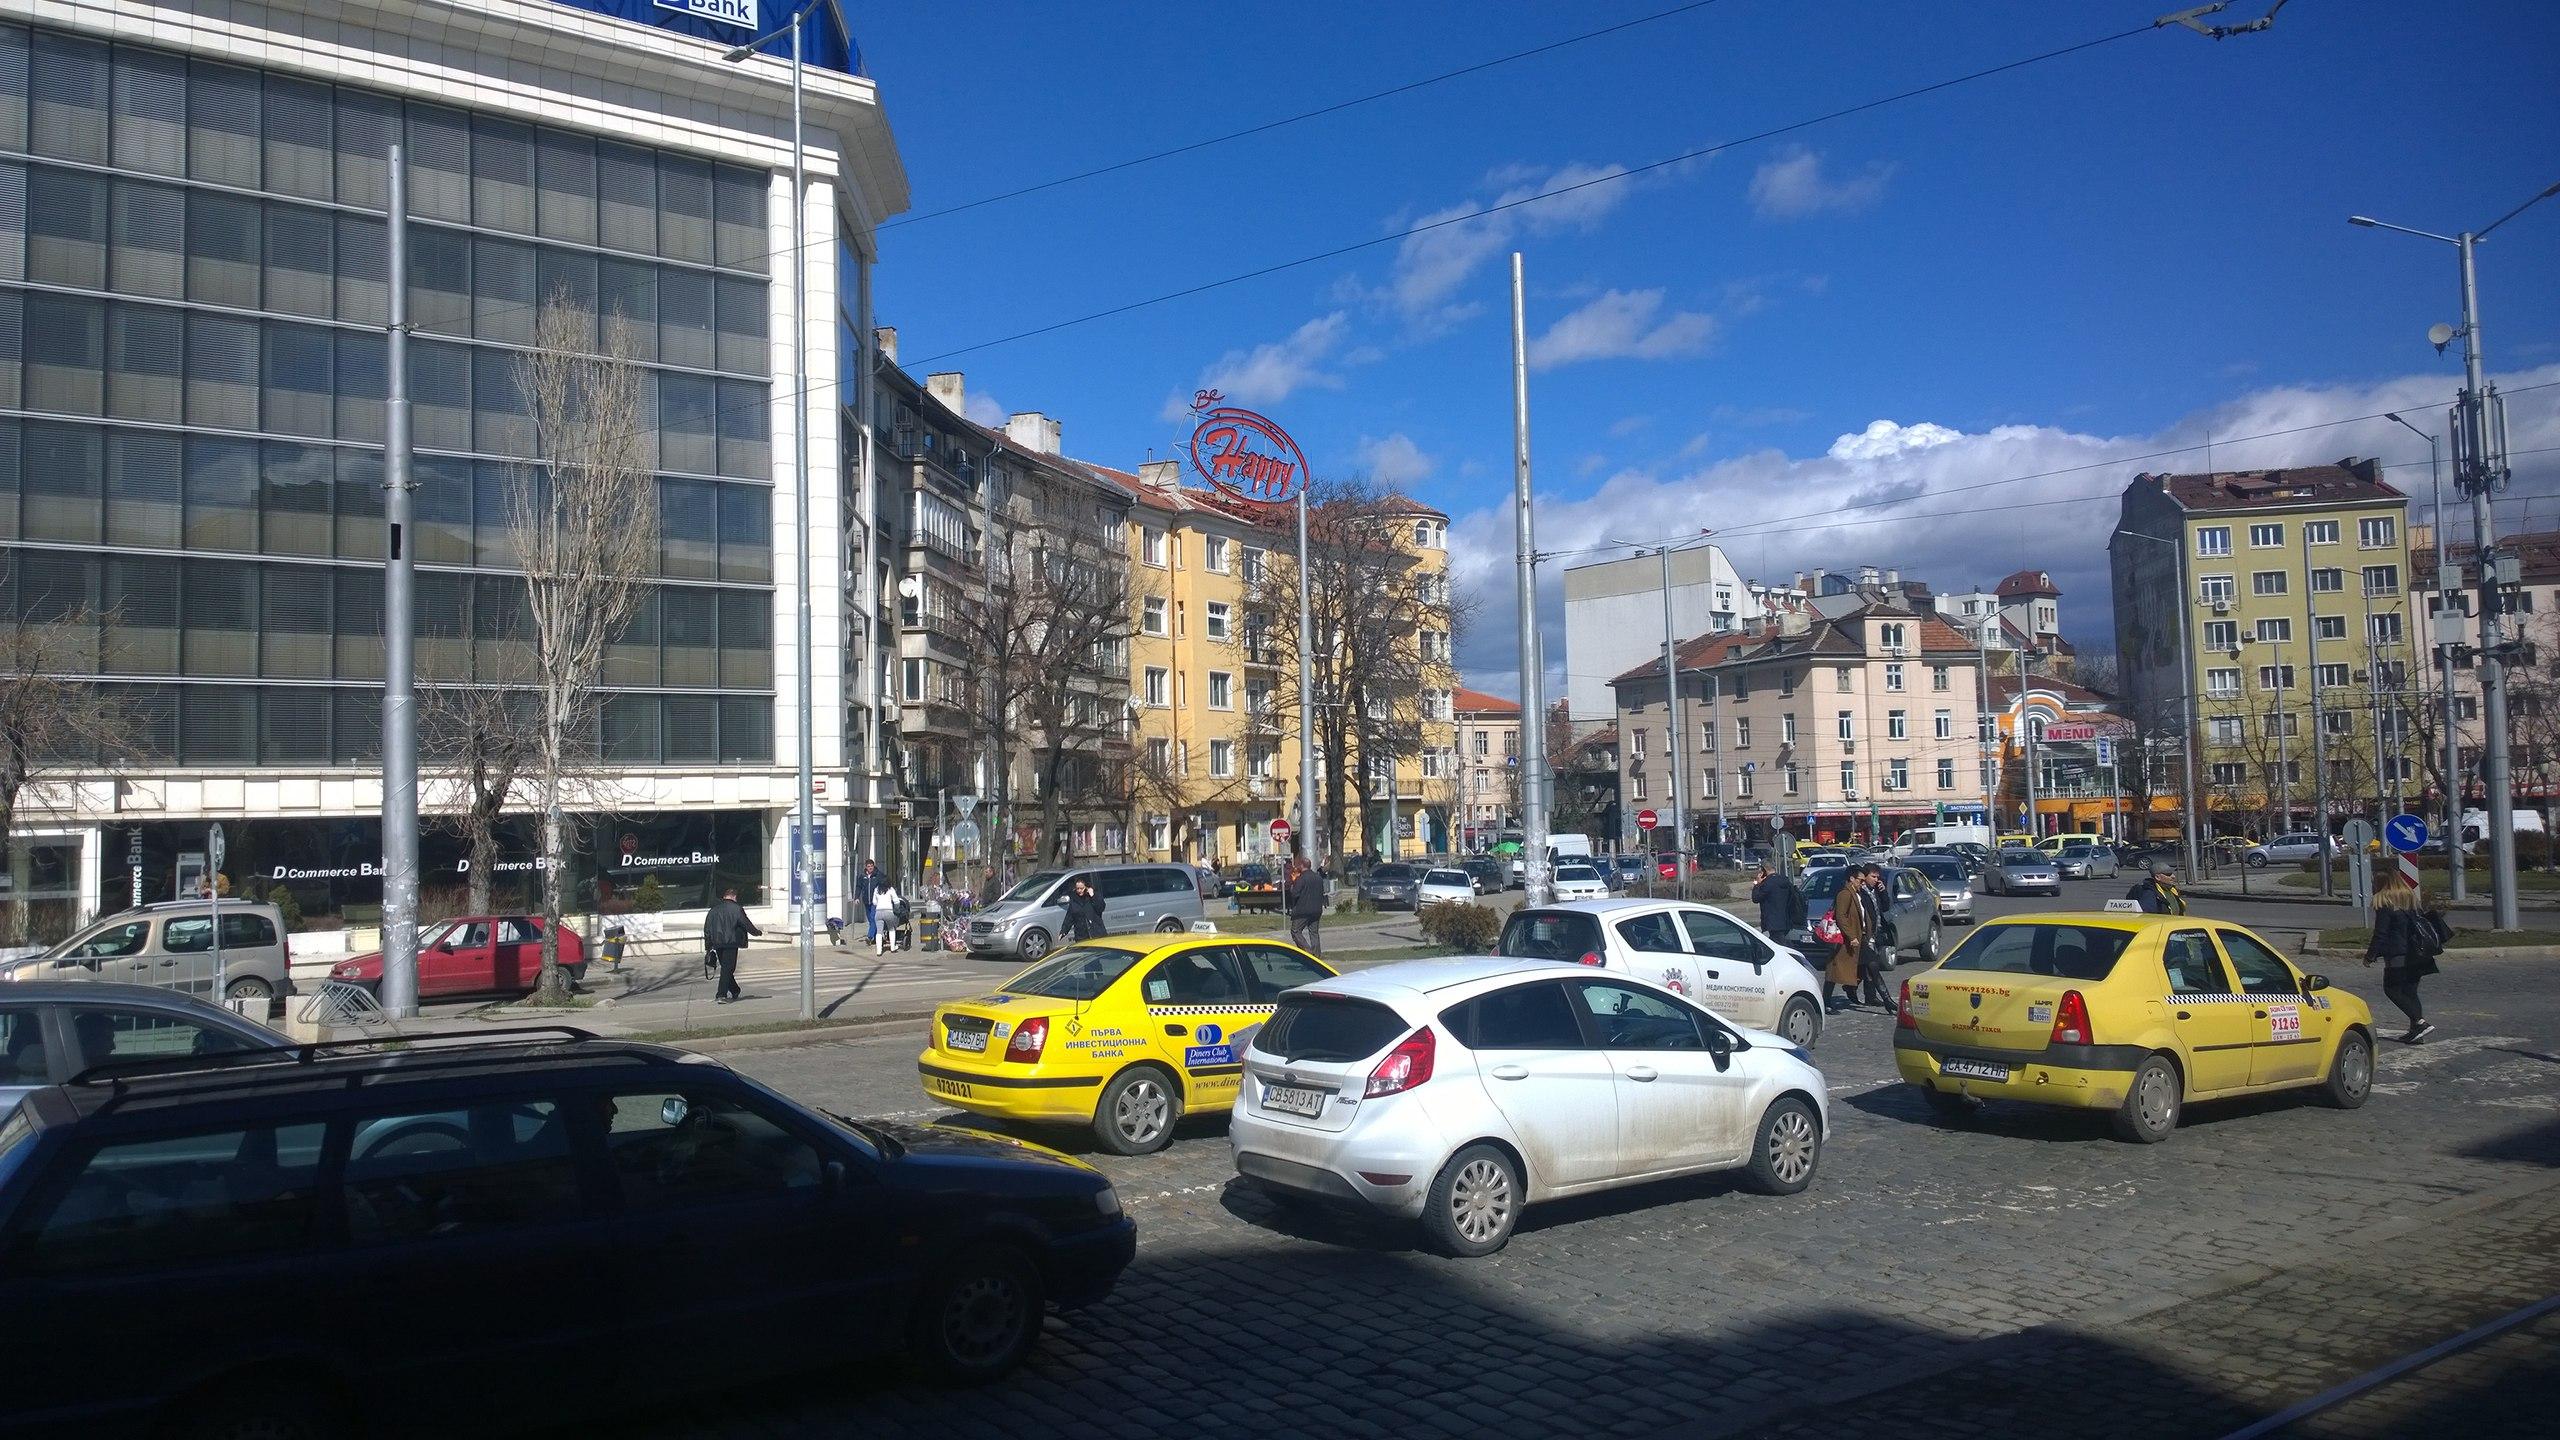 Путешествие в Болгарию. День четвёртый. Моя болгарская печаль – транспорт